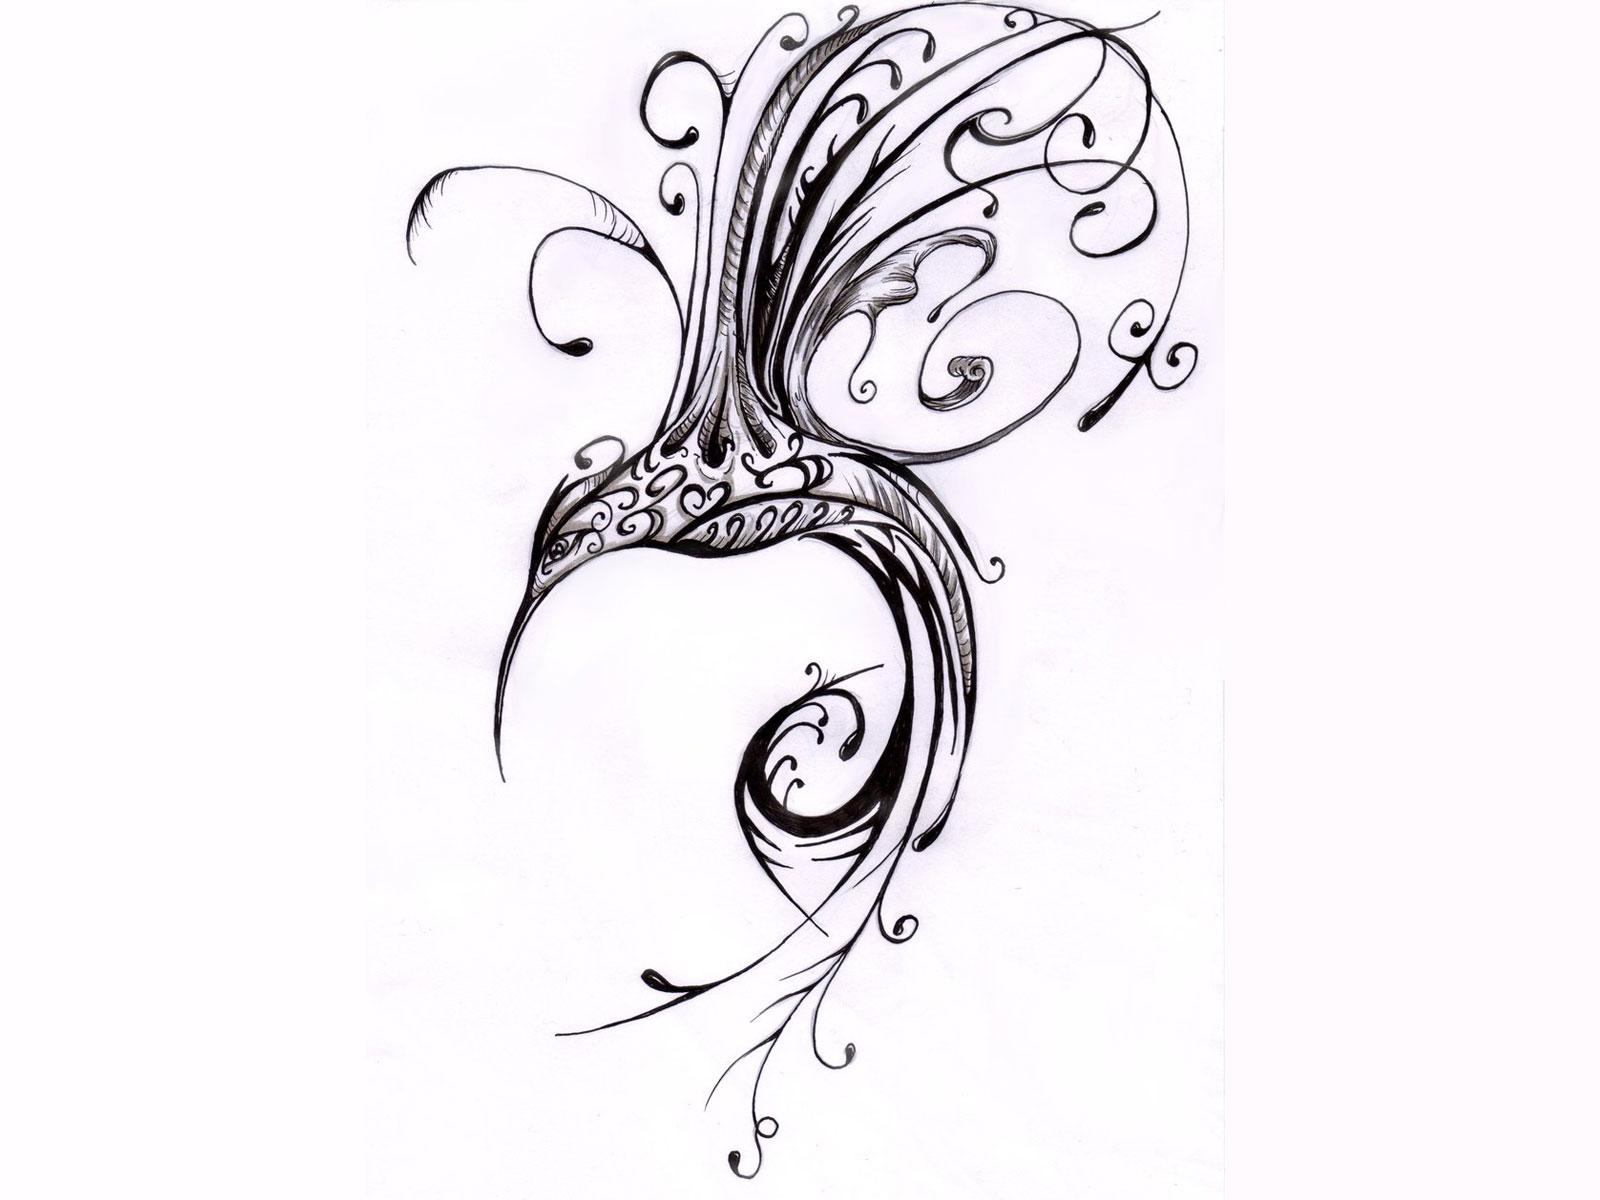 hight resolution of 1600x1200 scrolled hummingbird tatoo hummingbird drawings tattoos art i